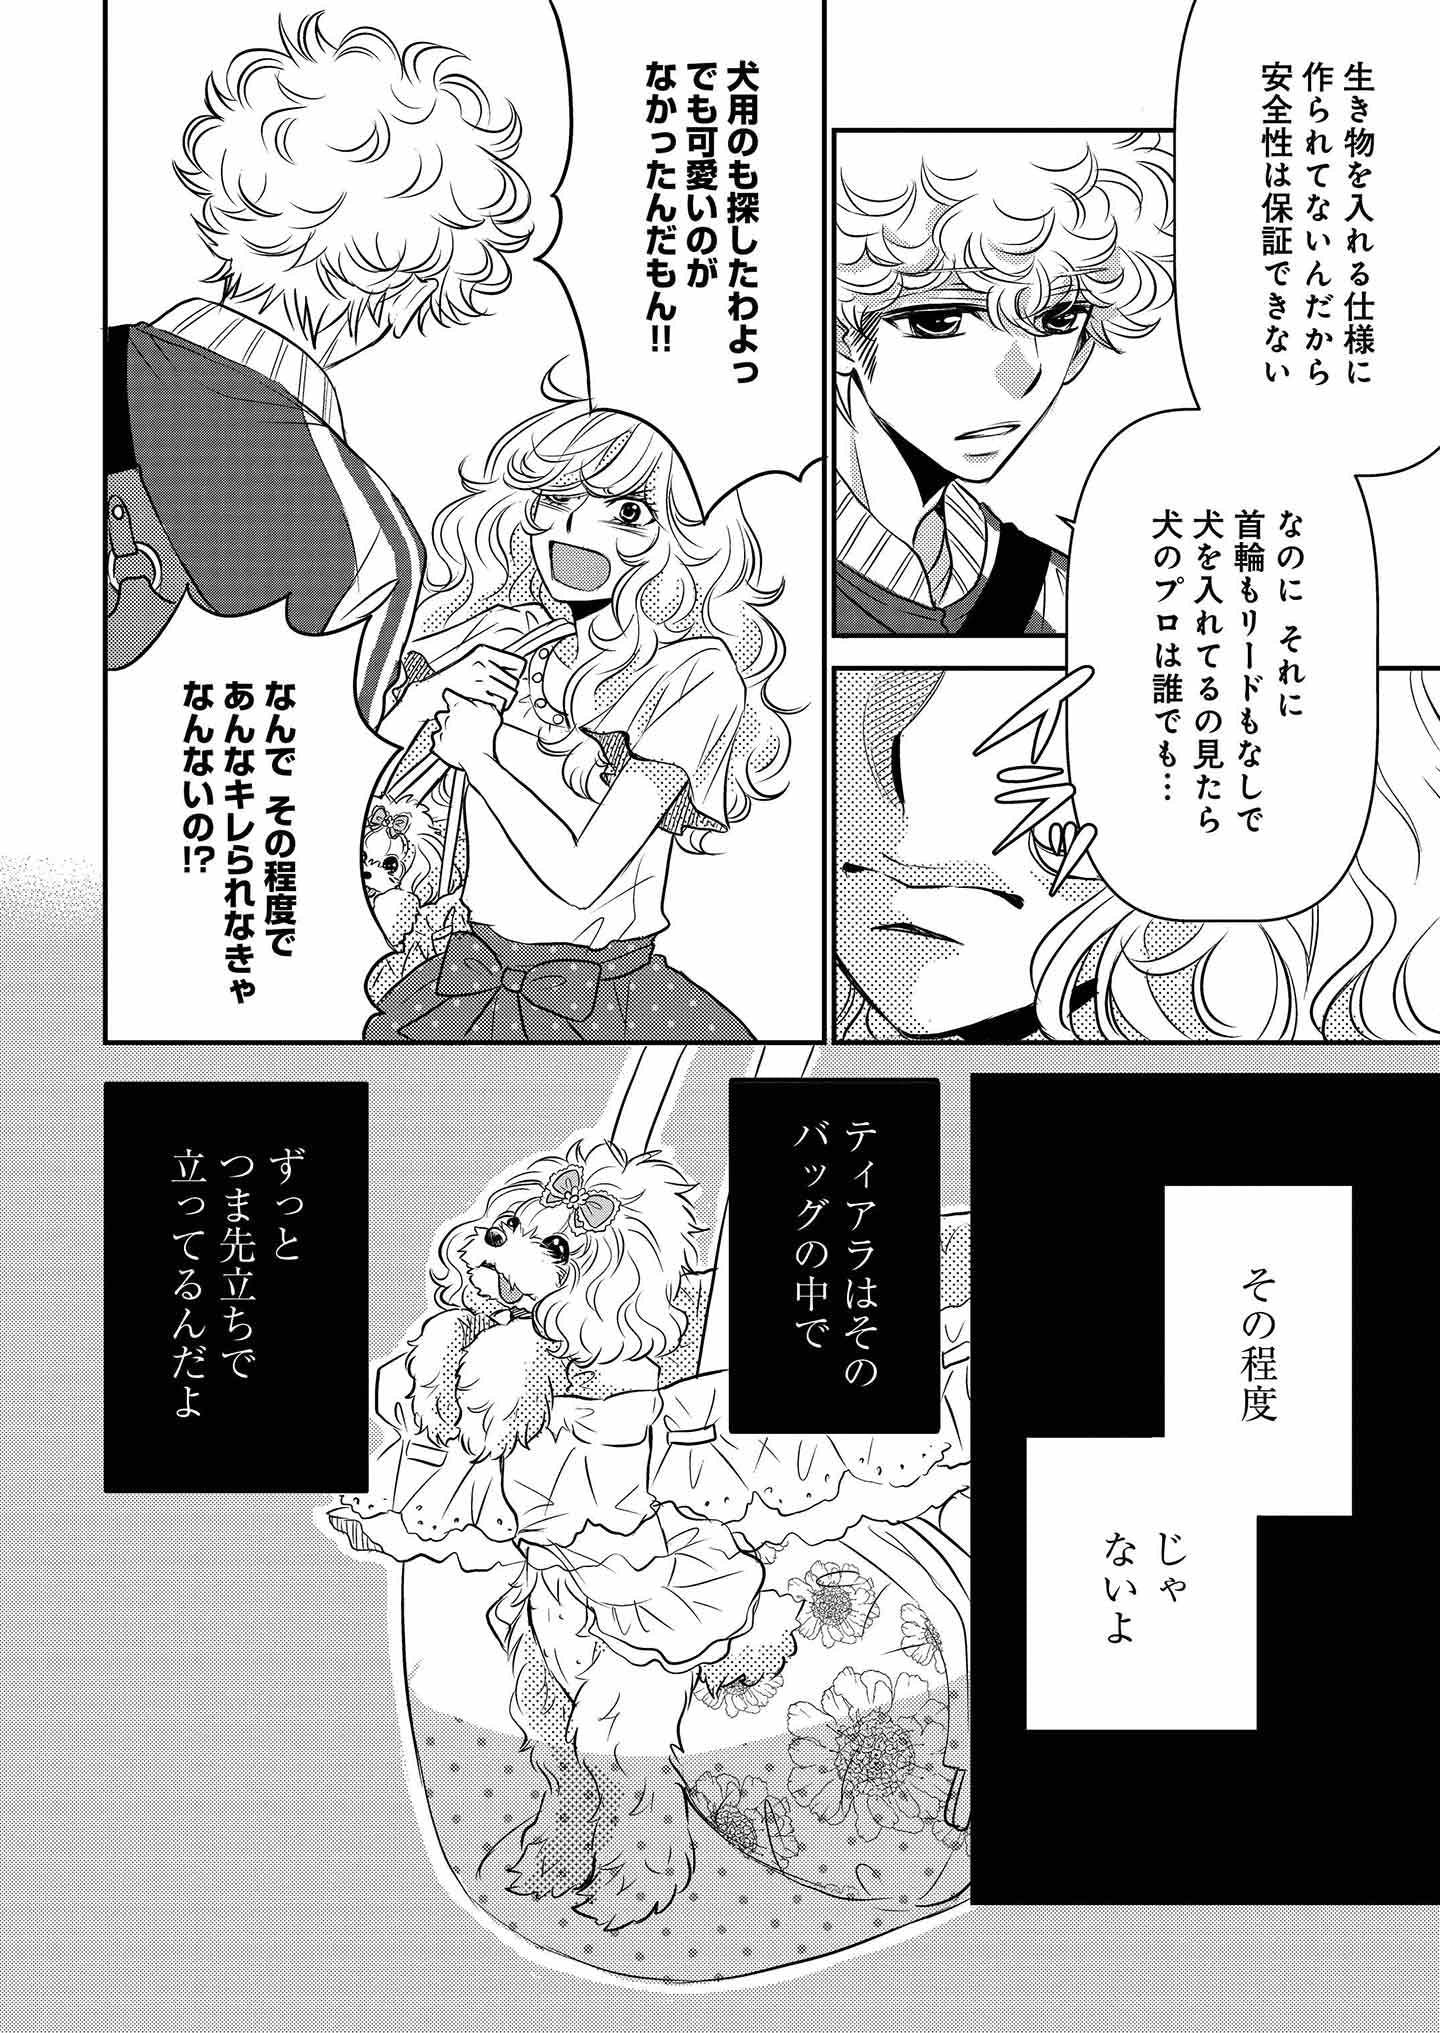 『DOG SIGNAL』15話目③ 1ページ目